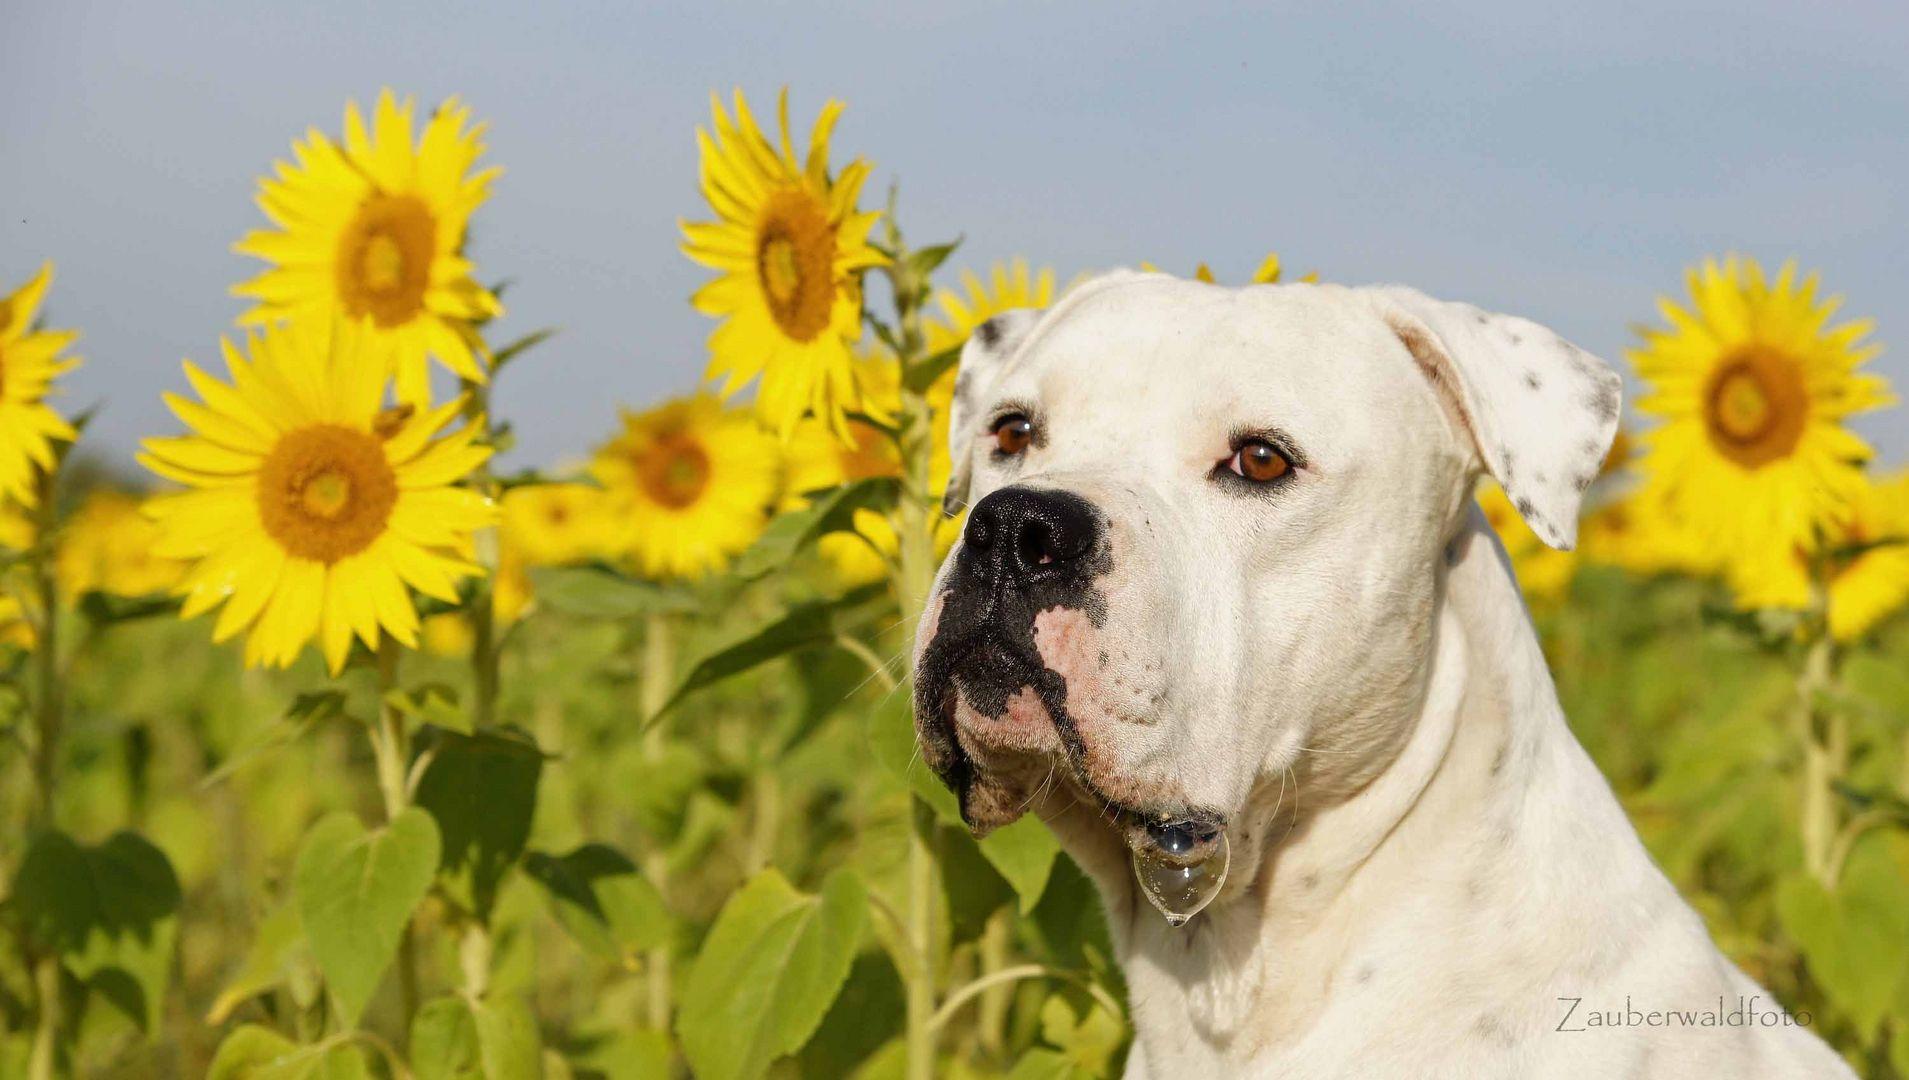 meine Sonnenblume!